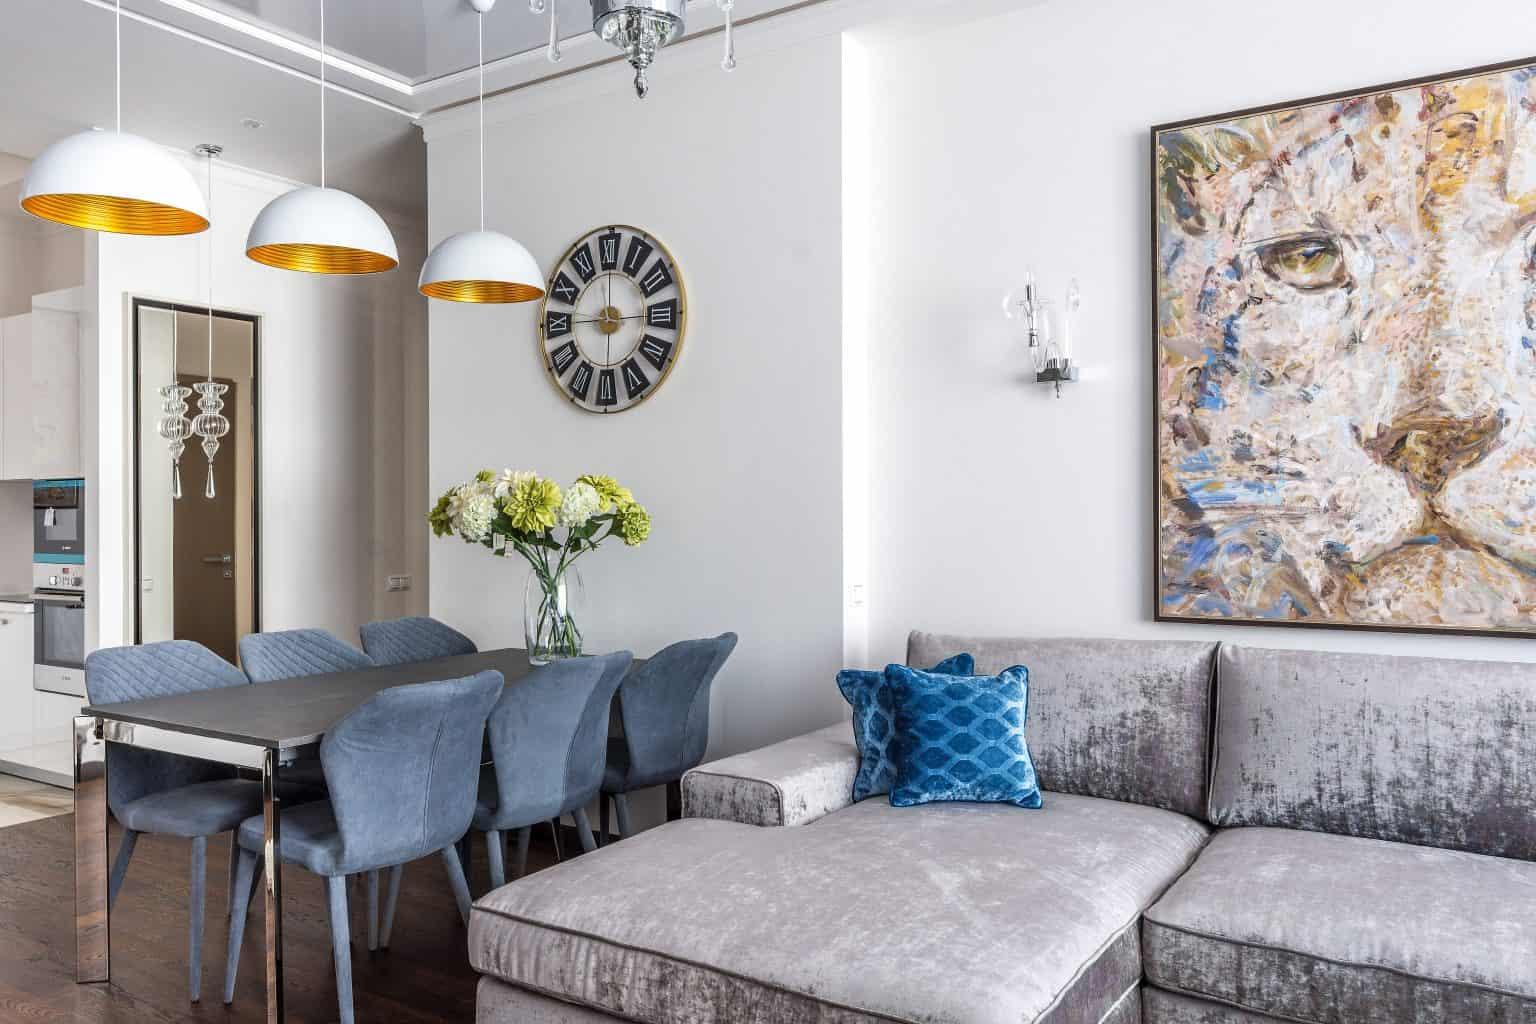 Príklad maximalizmu v bytovom dizajne. Zdroj: Pexels.com